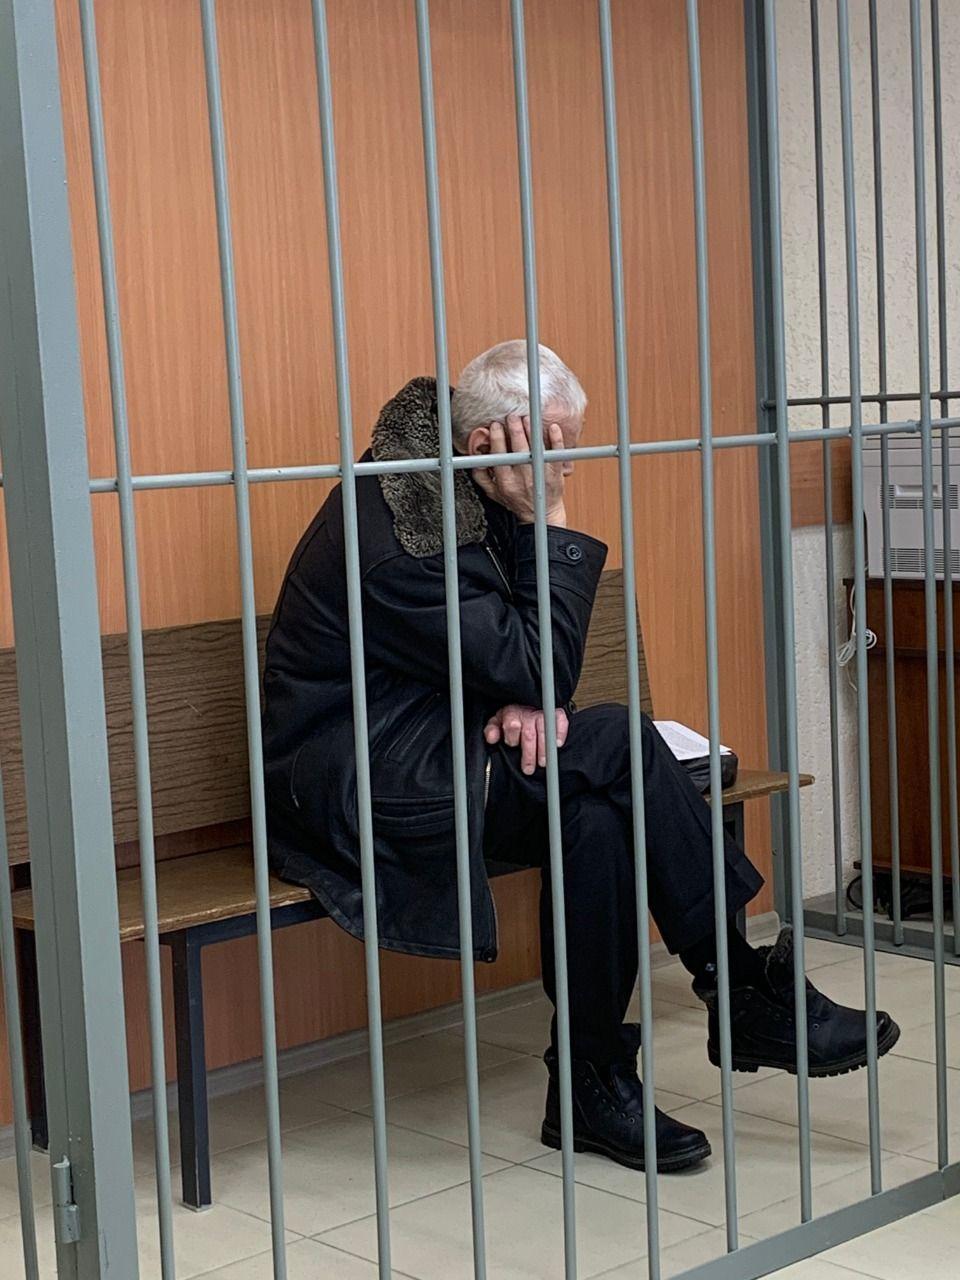 Омскому пенсионеру грозит 10 лет «строгача» за убийство ветерана перед 9 Мая #Омск #Общество #Сегодня